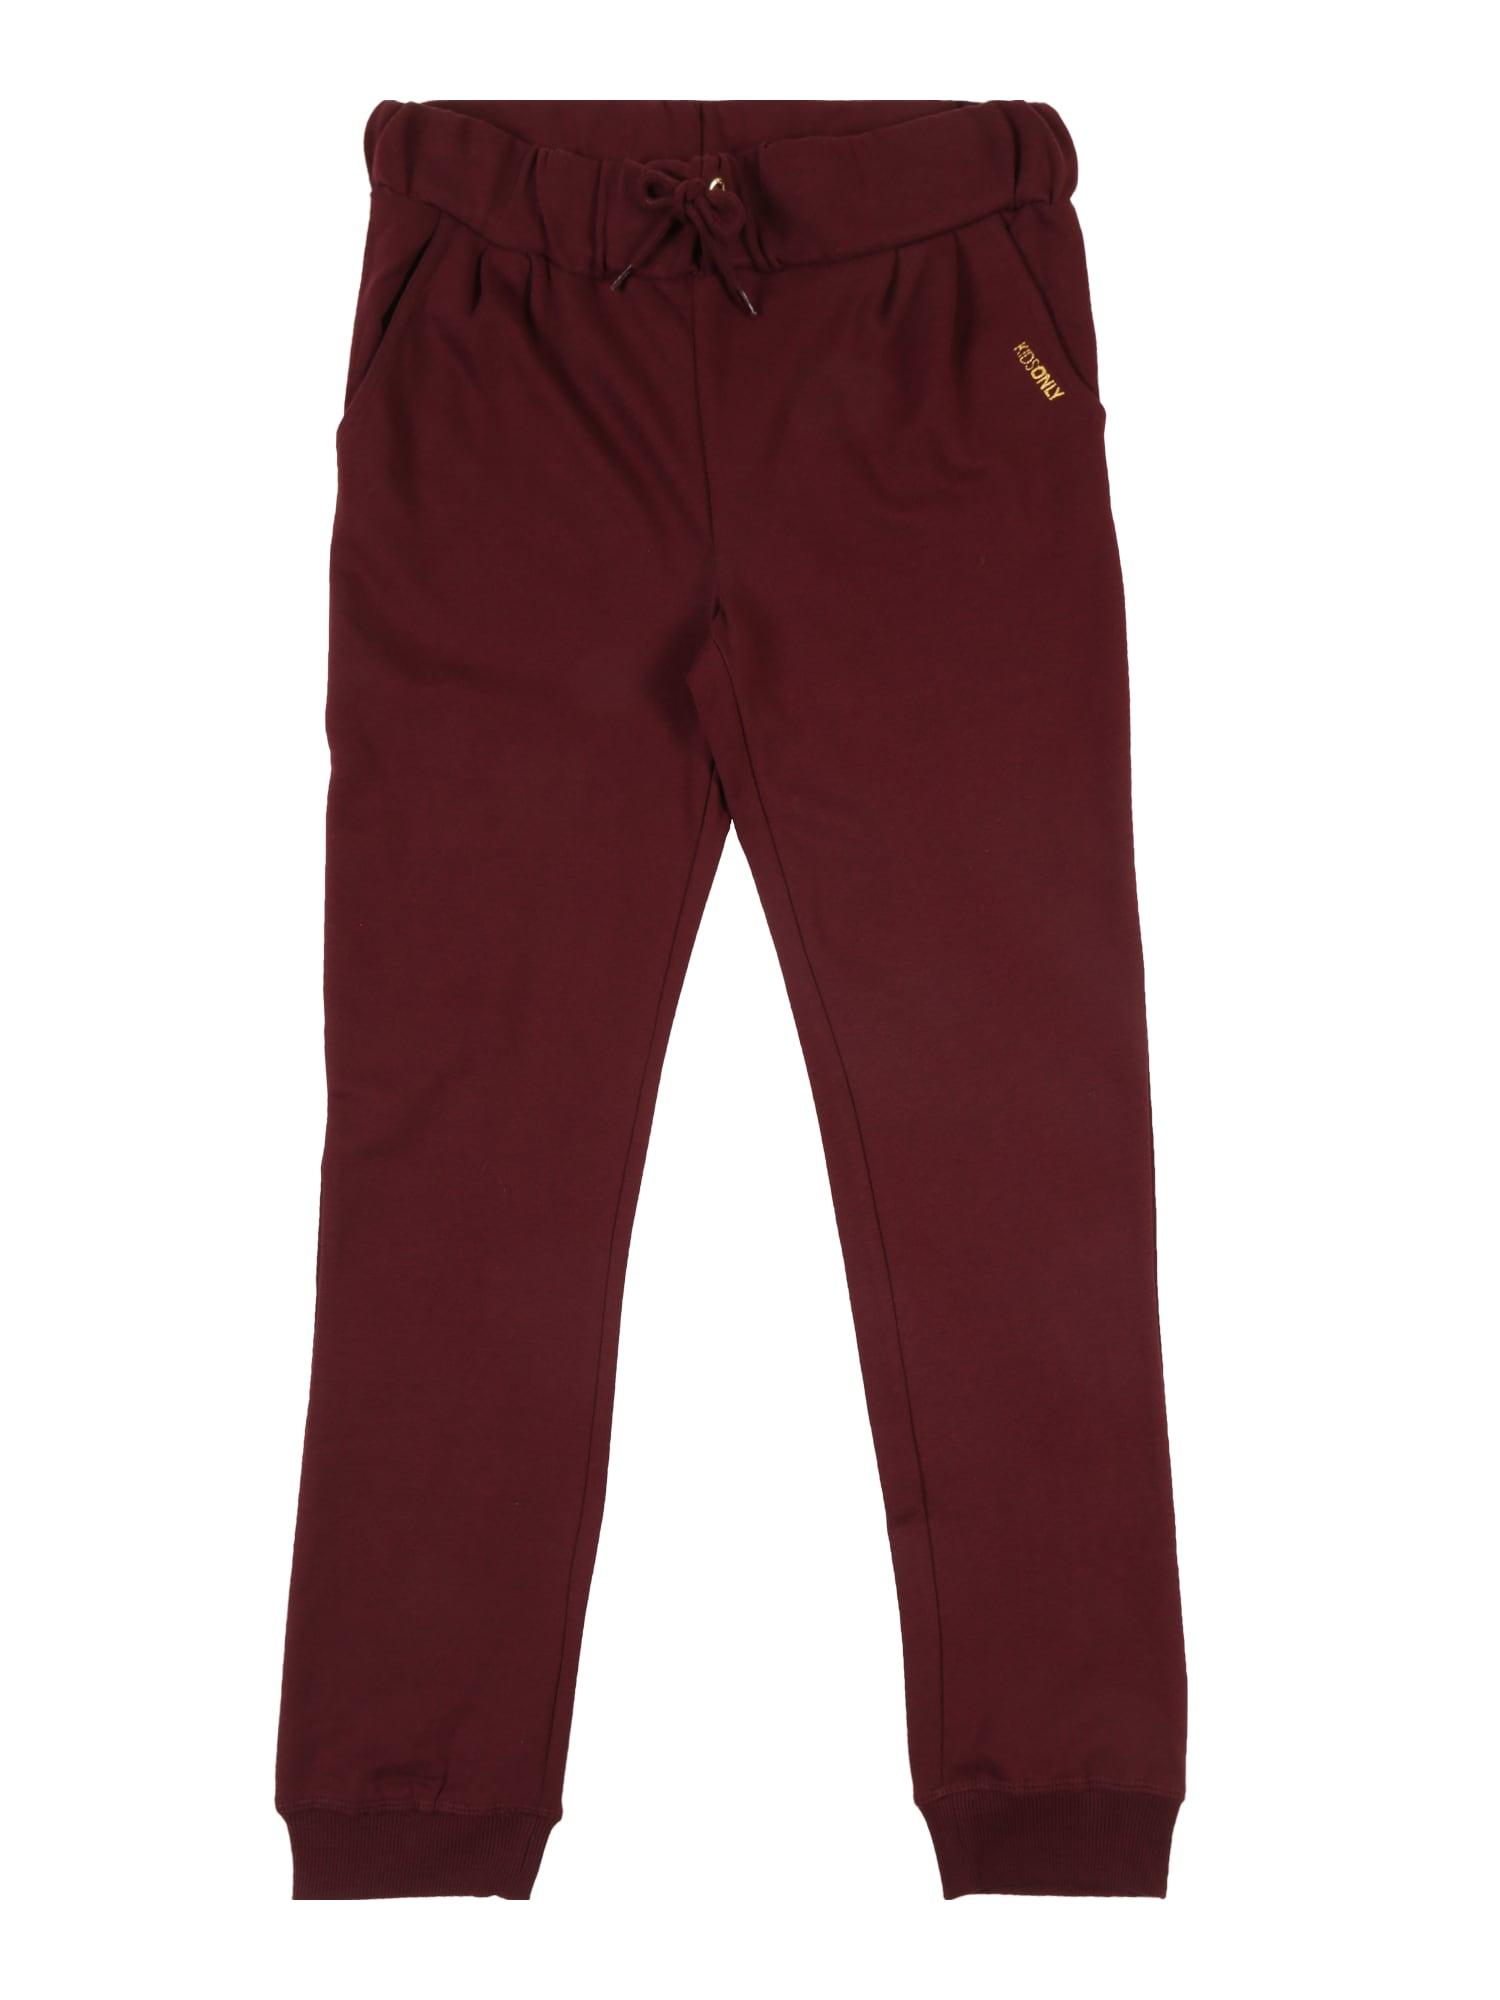 Kalhoty KONBEAT PANT SWT vínově červená KIDS ONLY